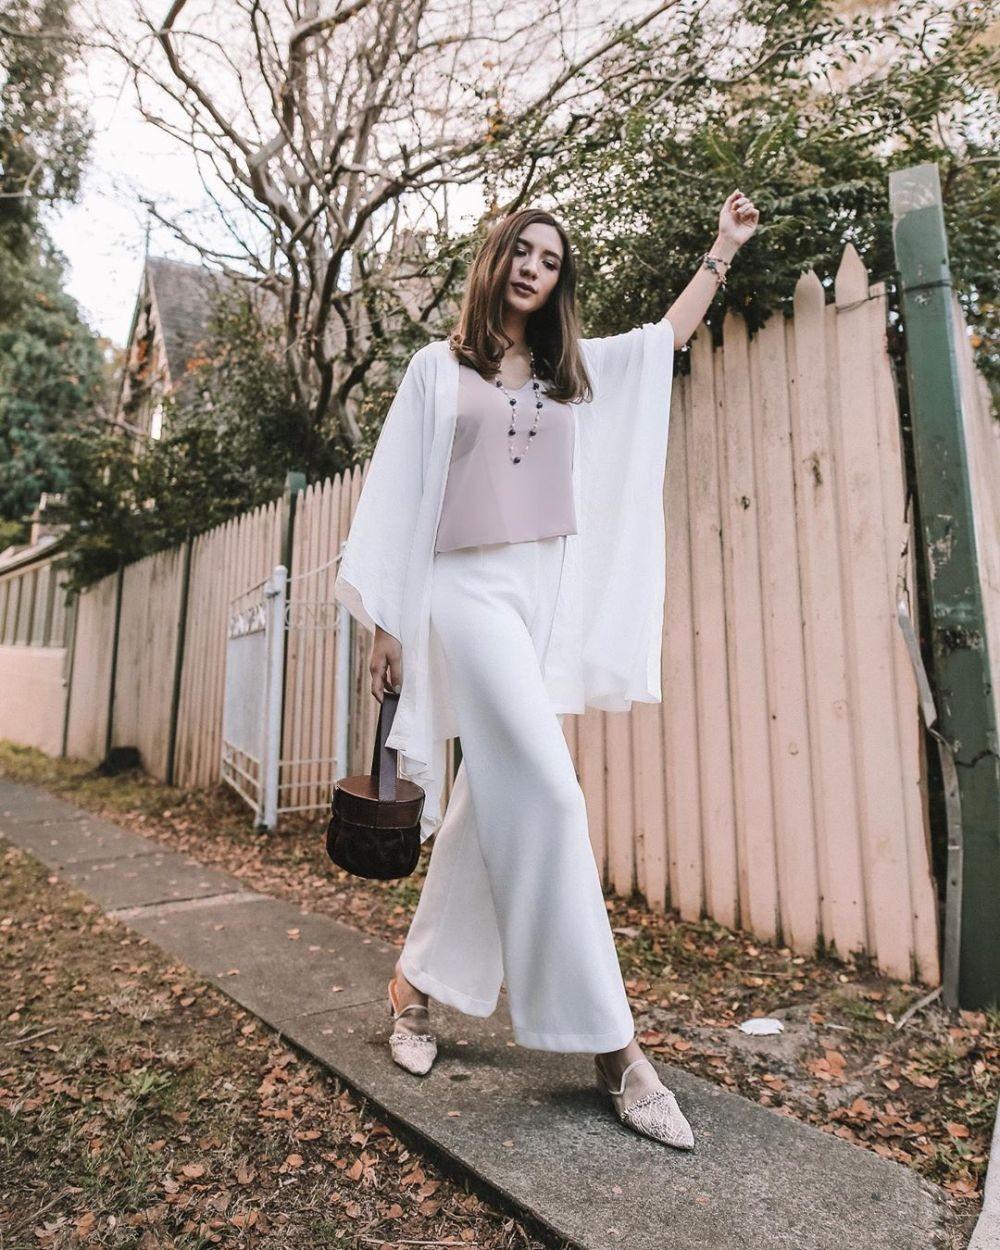 10 Ide Gaya Kondangan Stylish dengan Bawahan Celana, Anti Ribet!